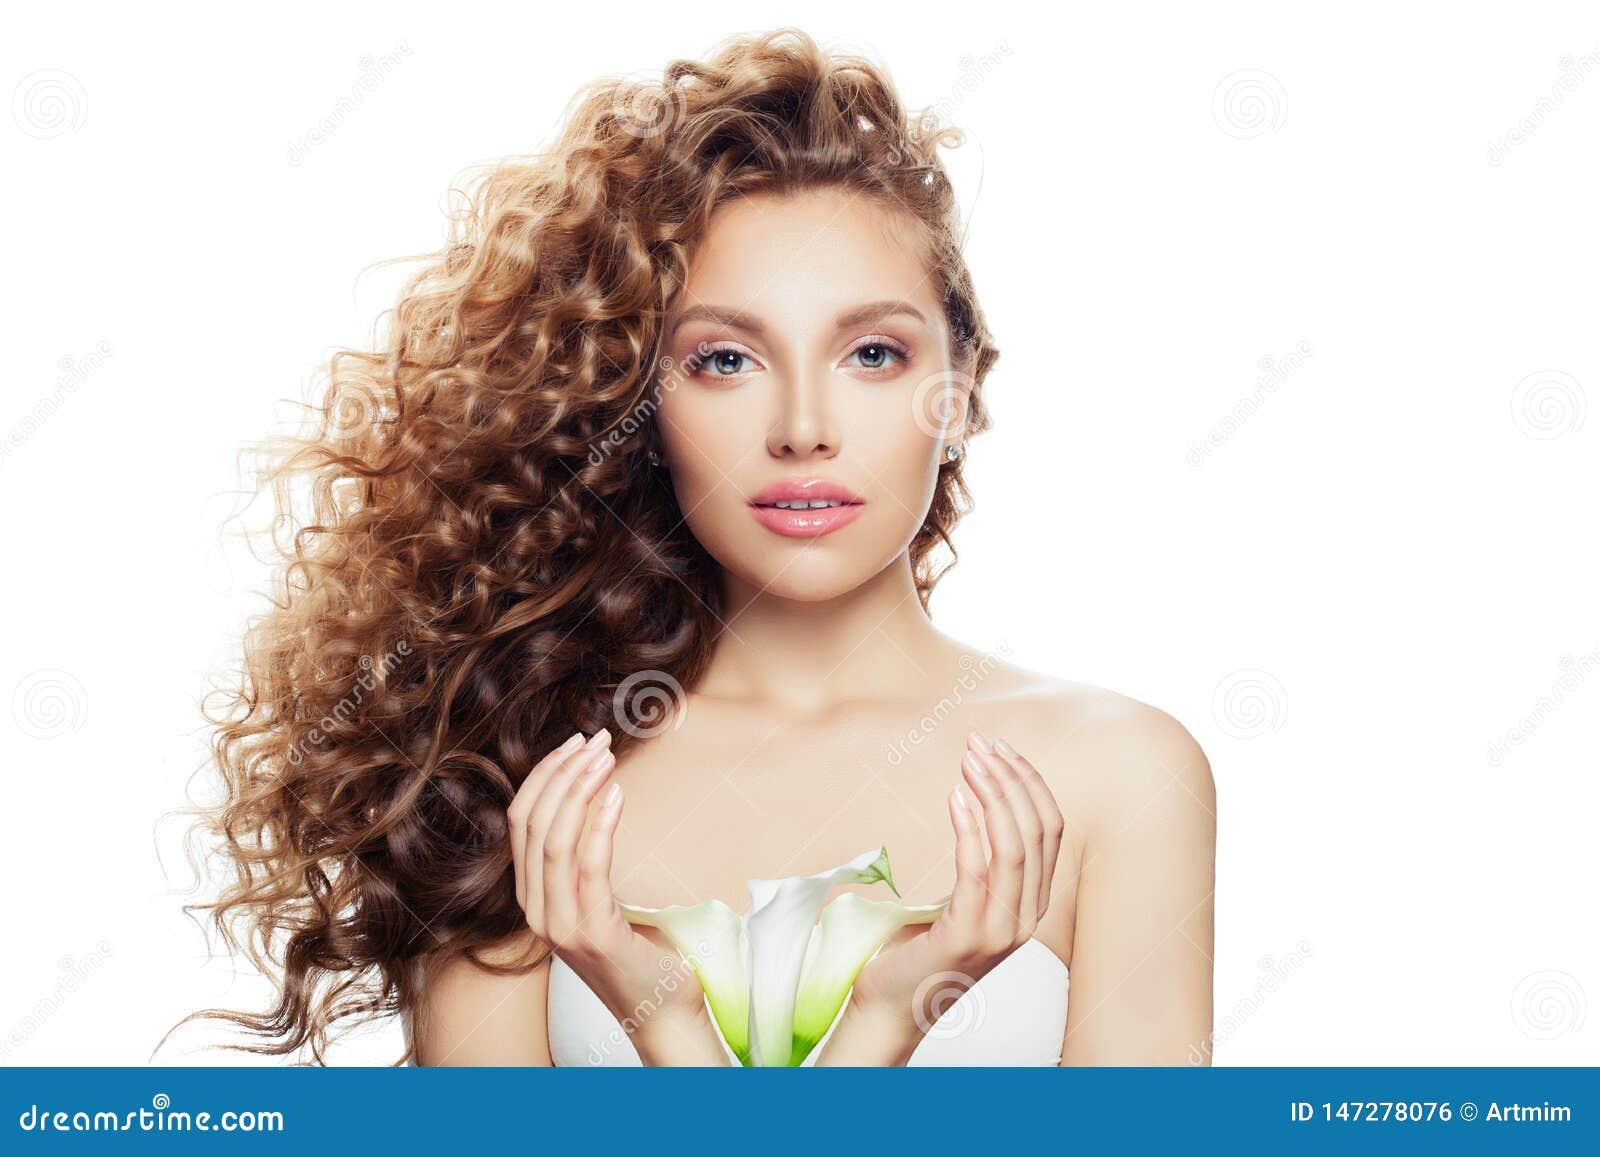 Potomstwa doskonalić kobiety z długą kędzierzawą fryzurą, zdrową skórą i leluja kwiatem w ona, ręki odizolowywać na białym tle